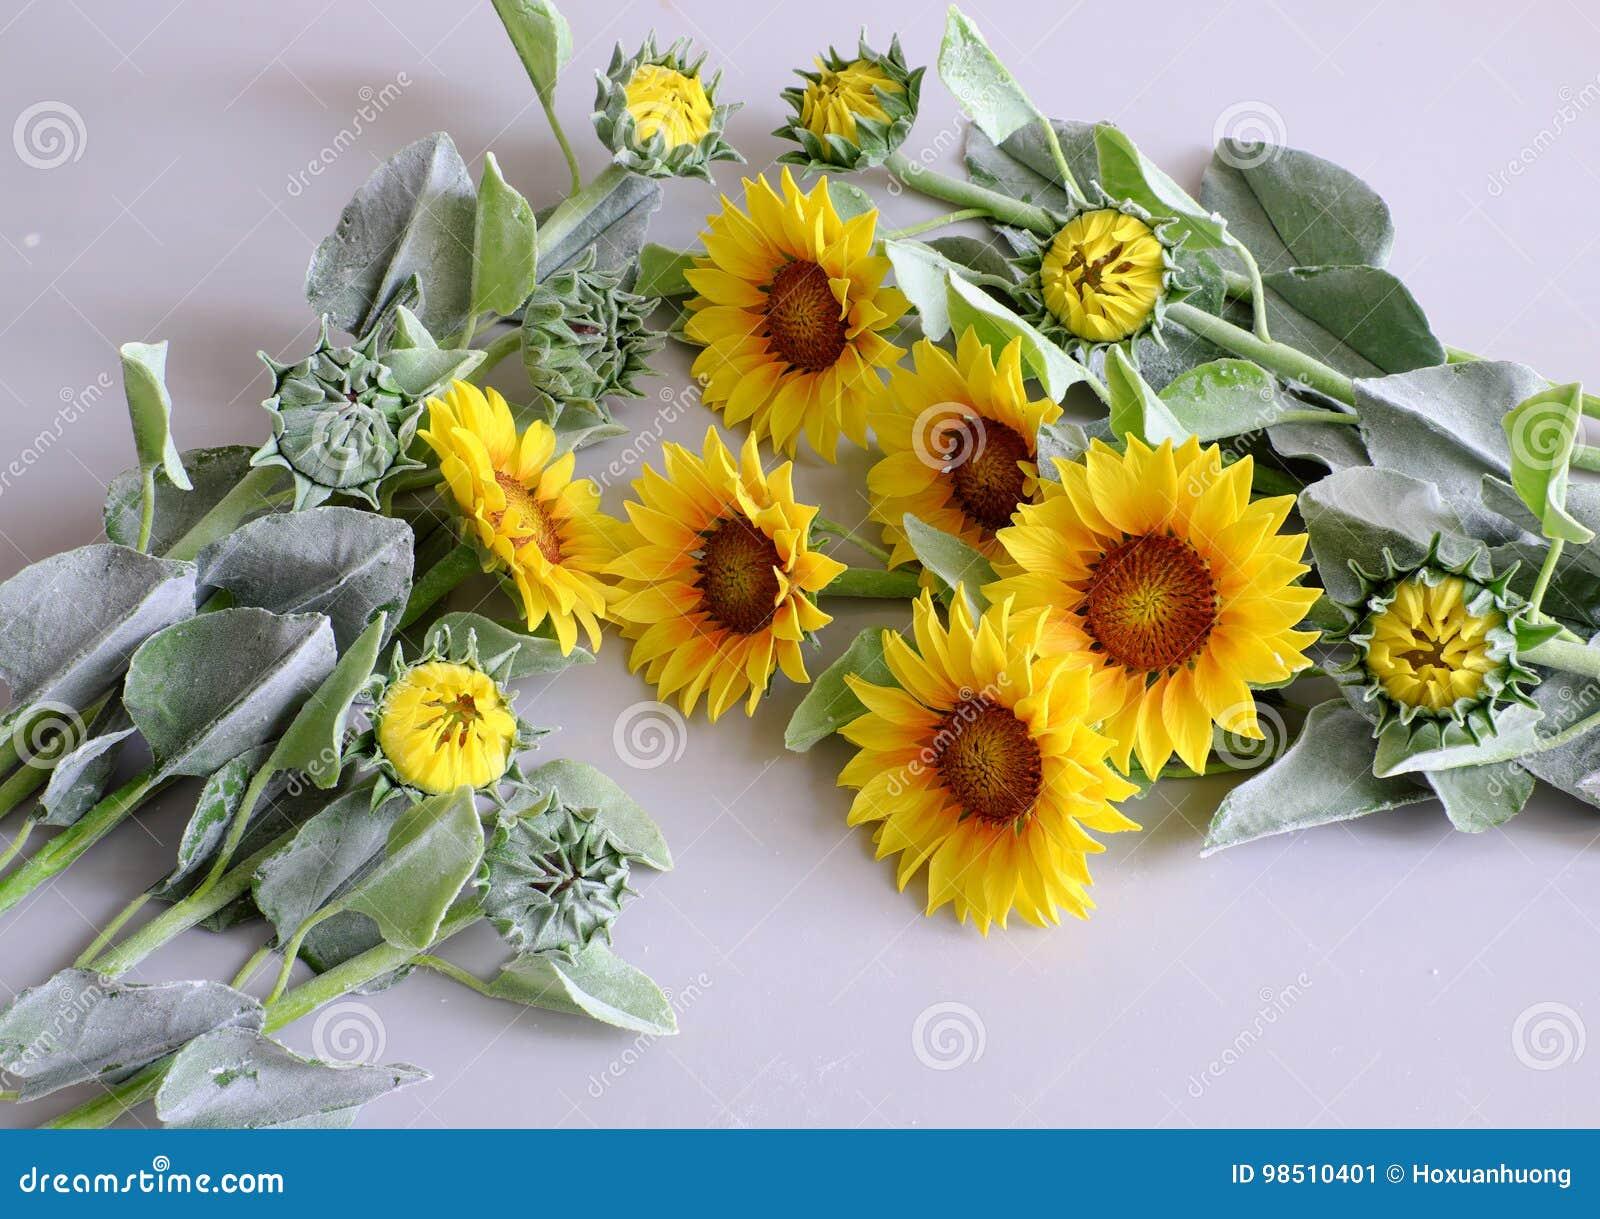 fleur d'argile, bouquet de tournesol image stock - image du